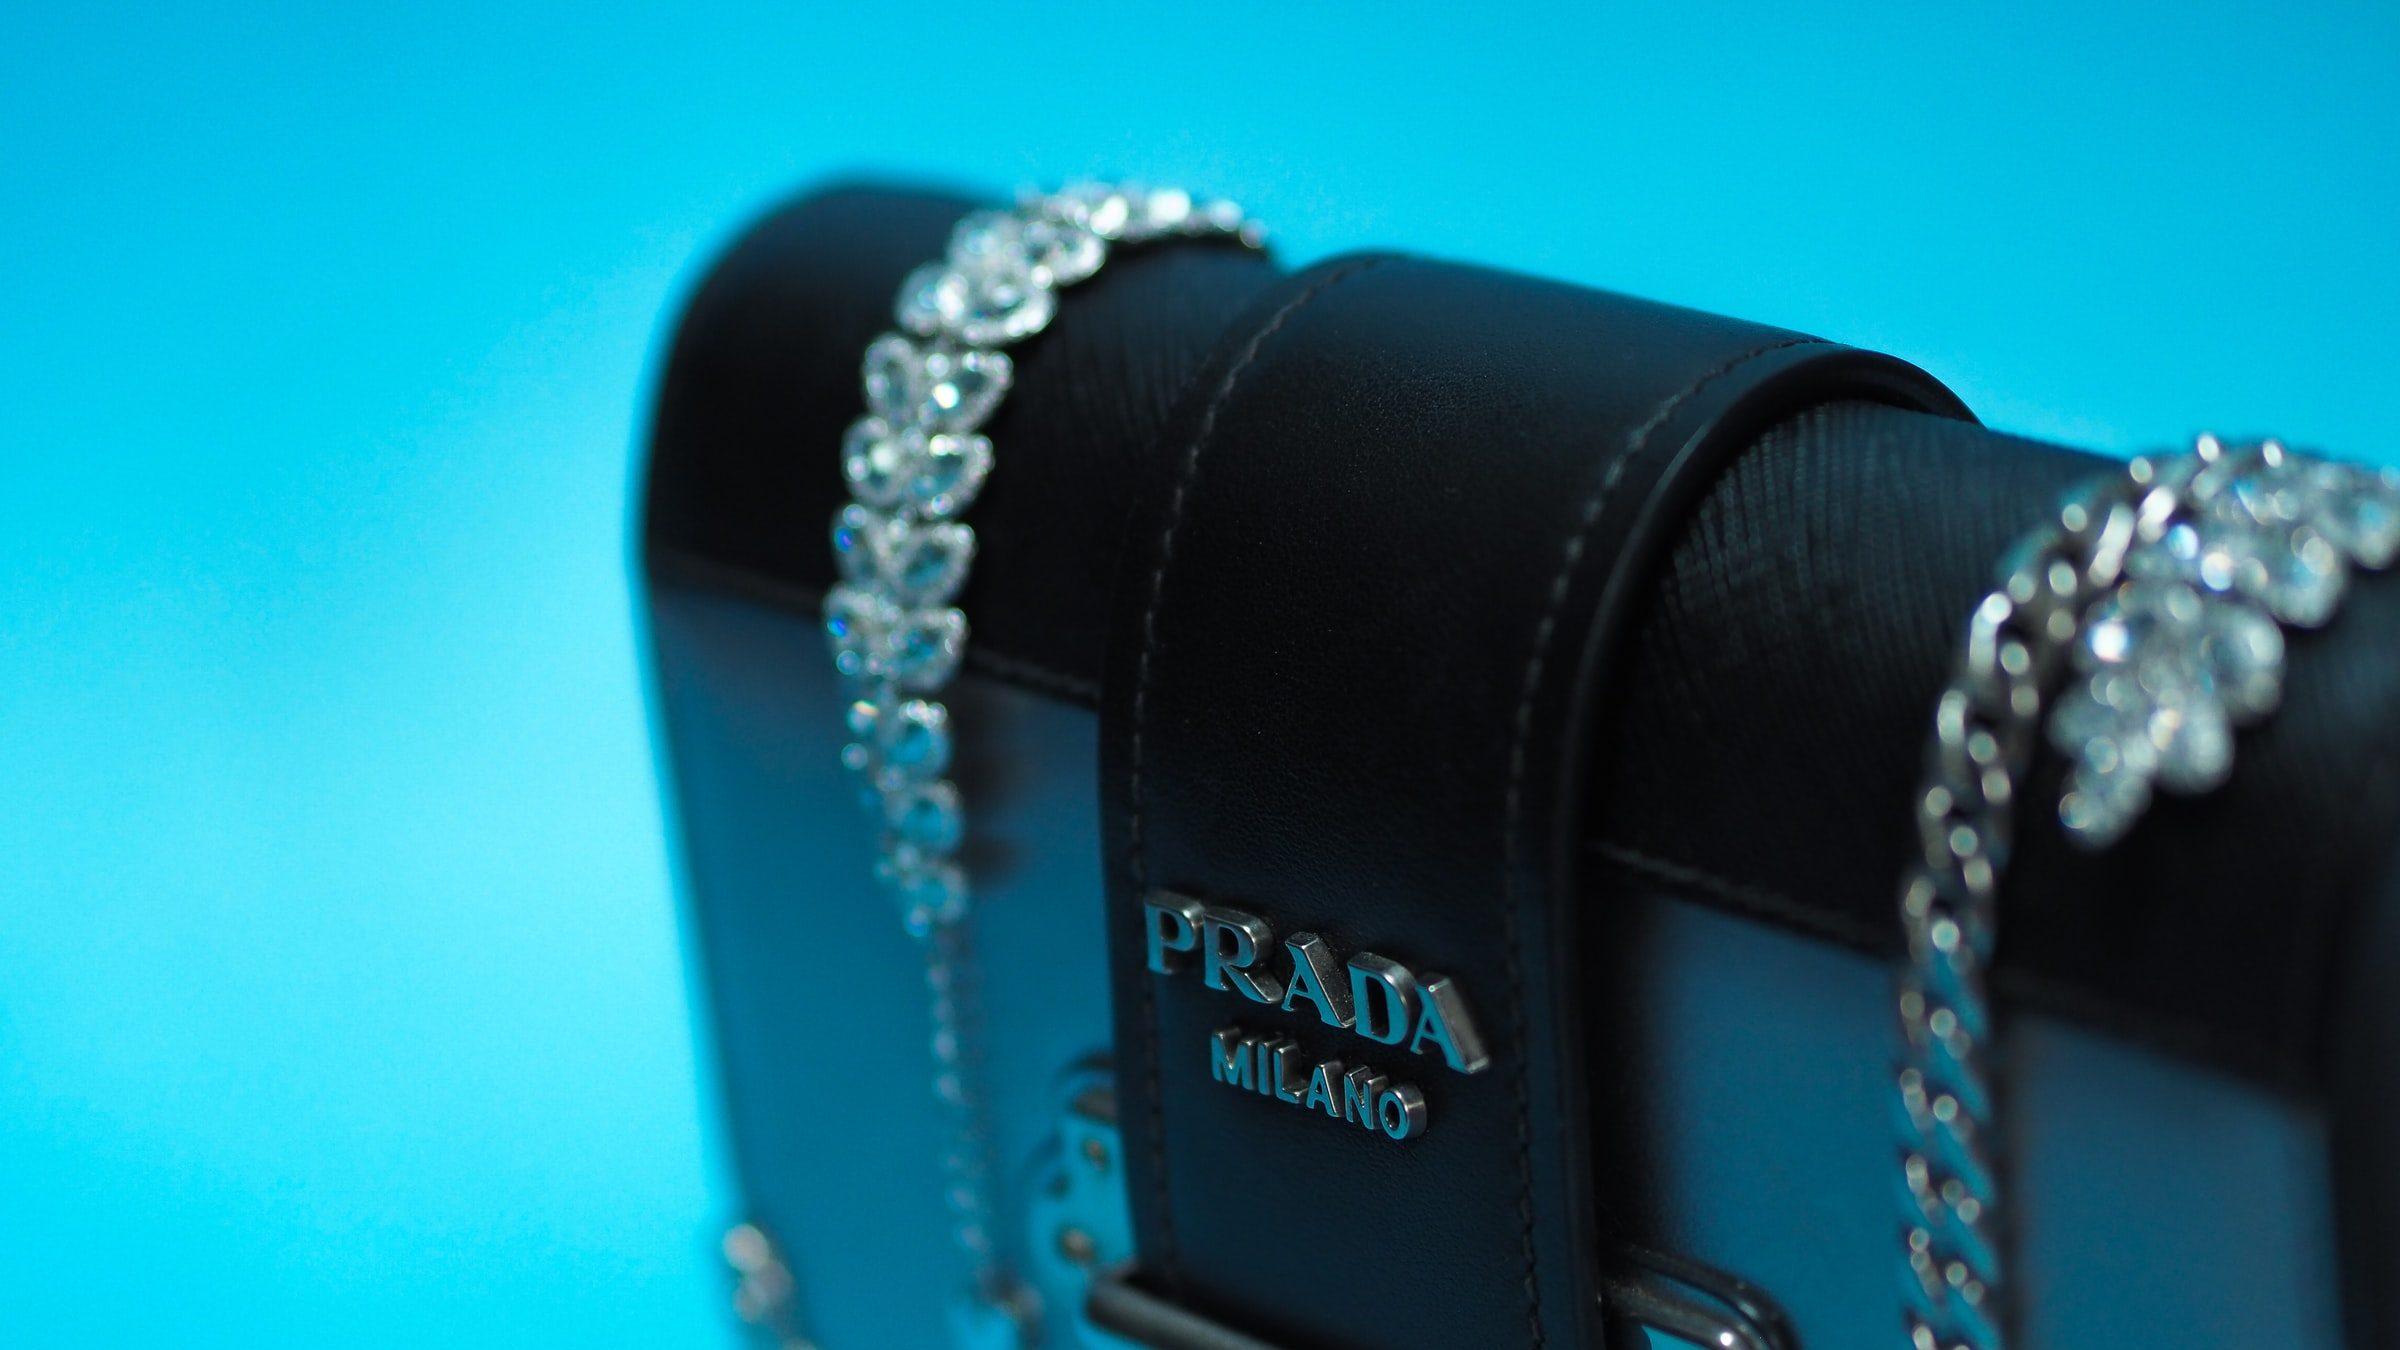 luxury innovation trends - prada handbag